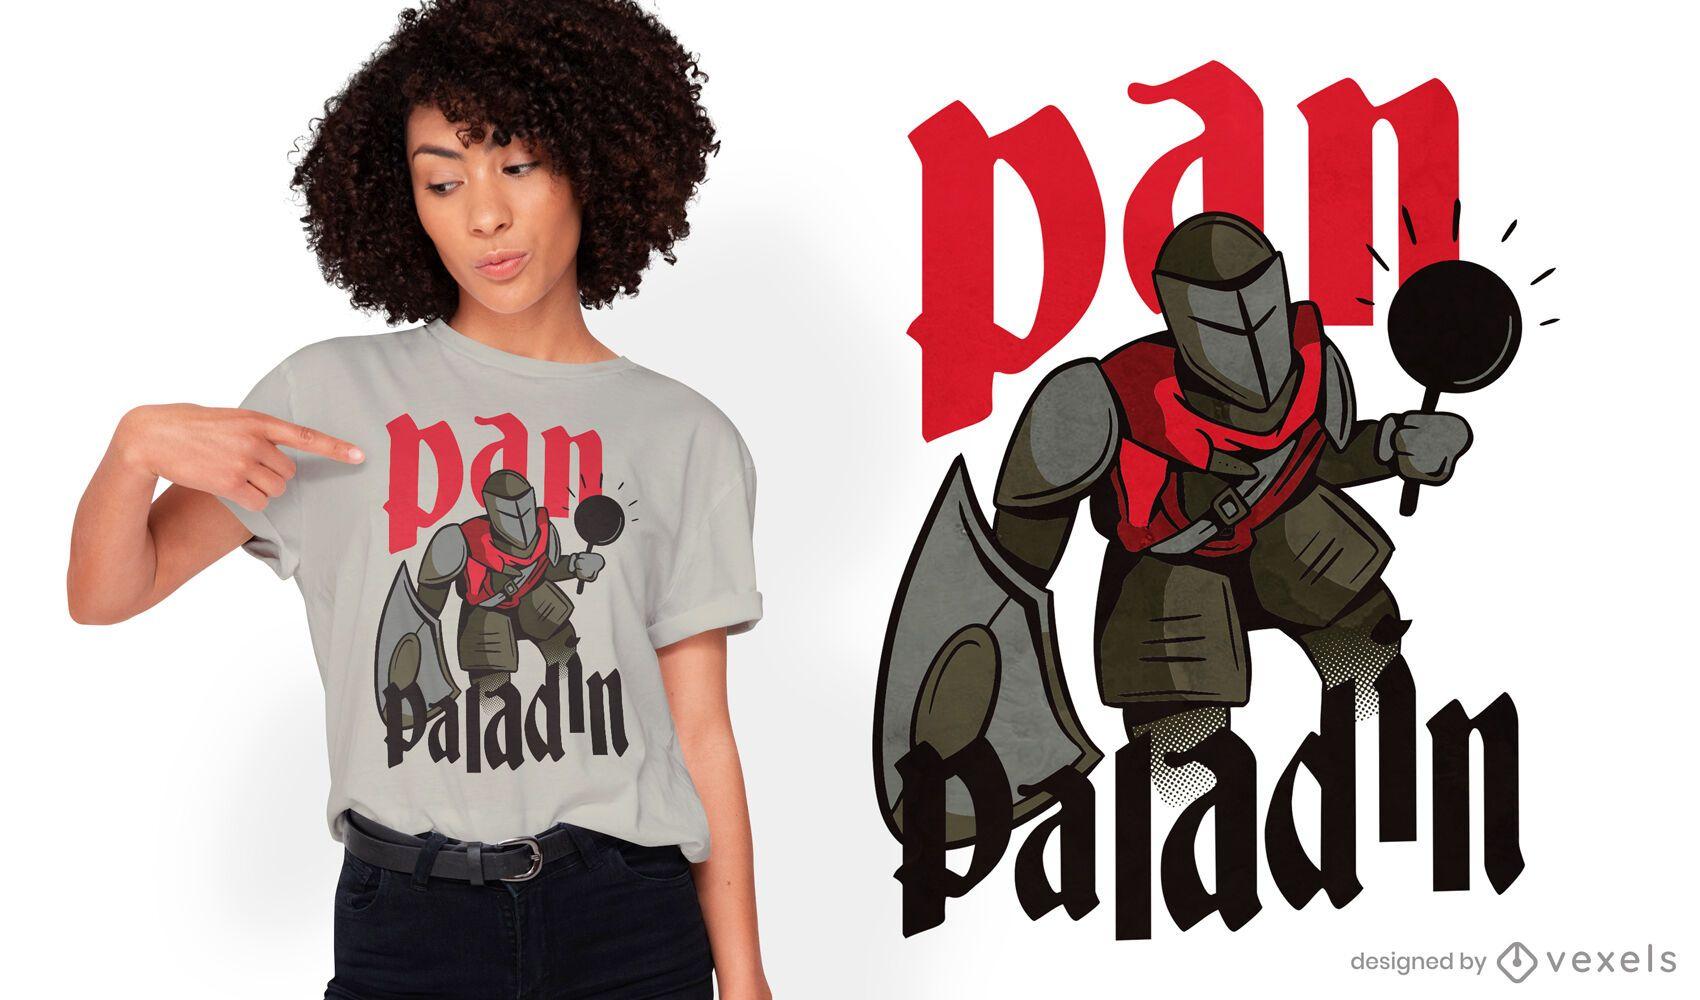 Paladin-RPG-Charakter mit Pan-T-Shirt-Design